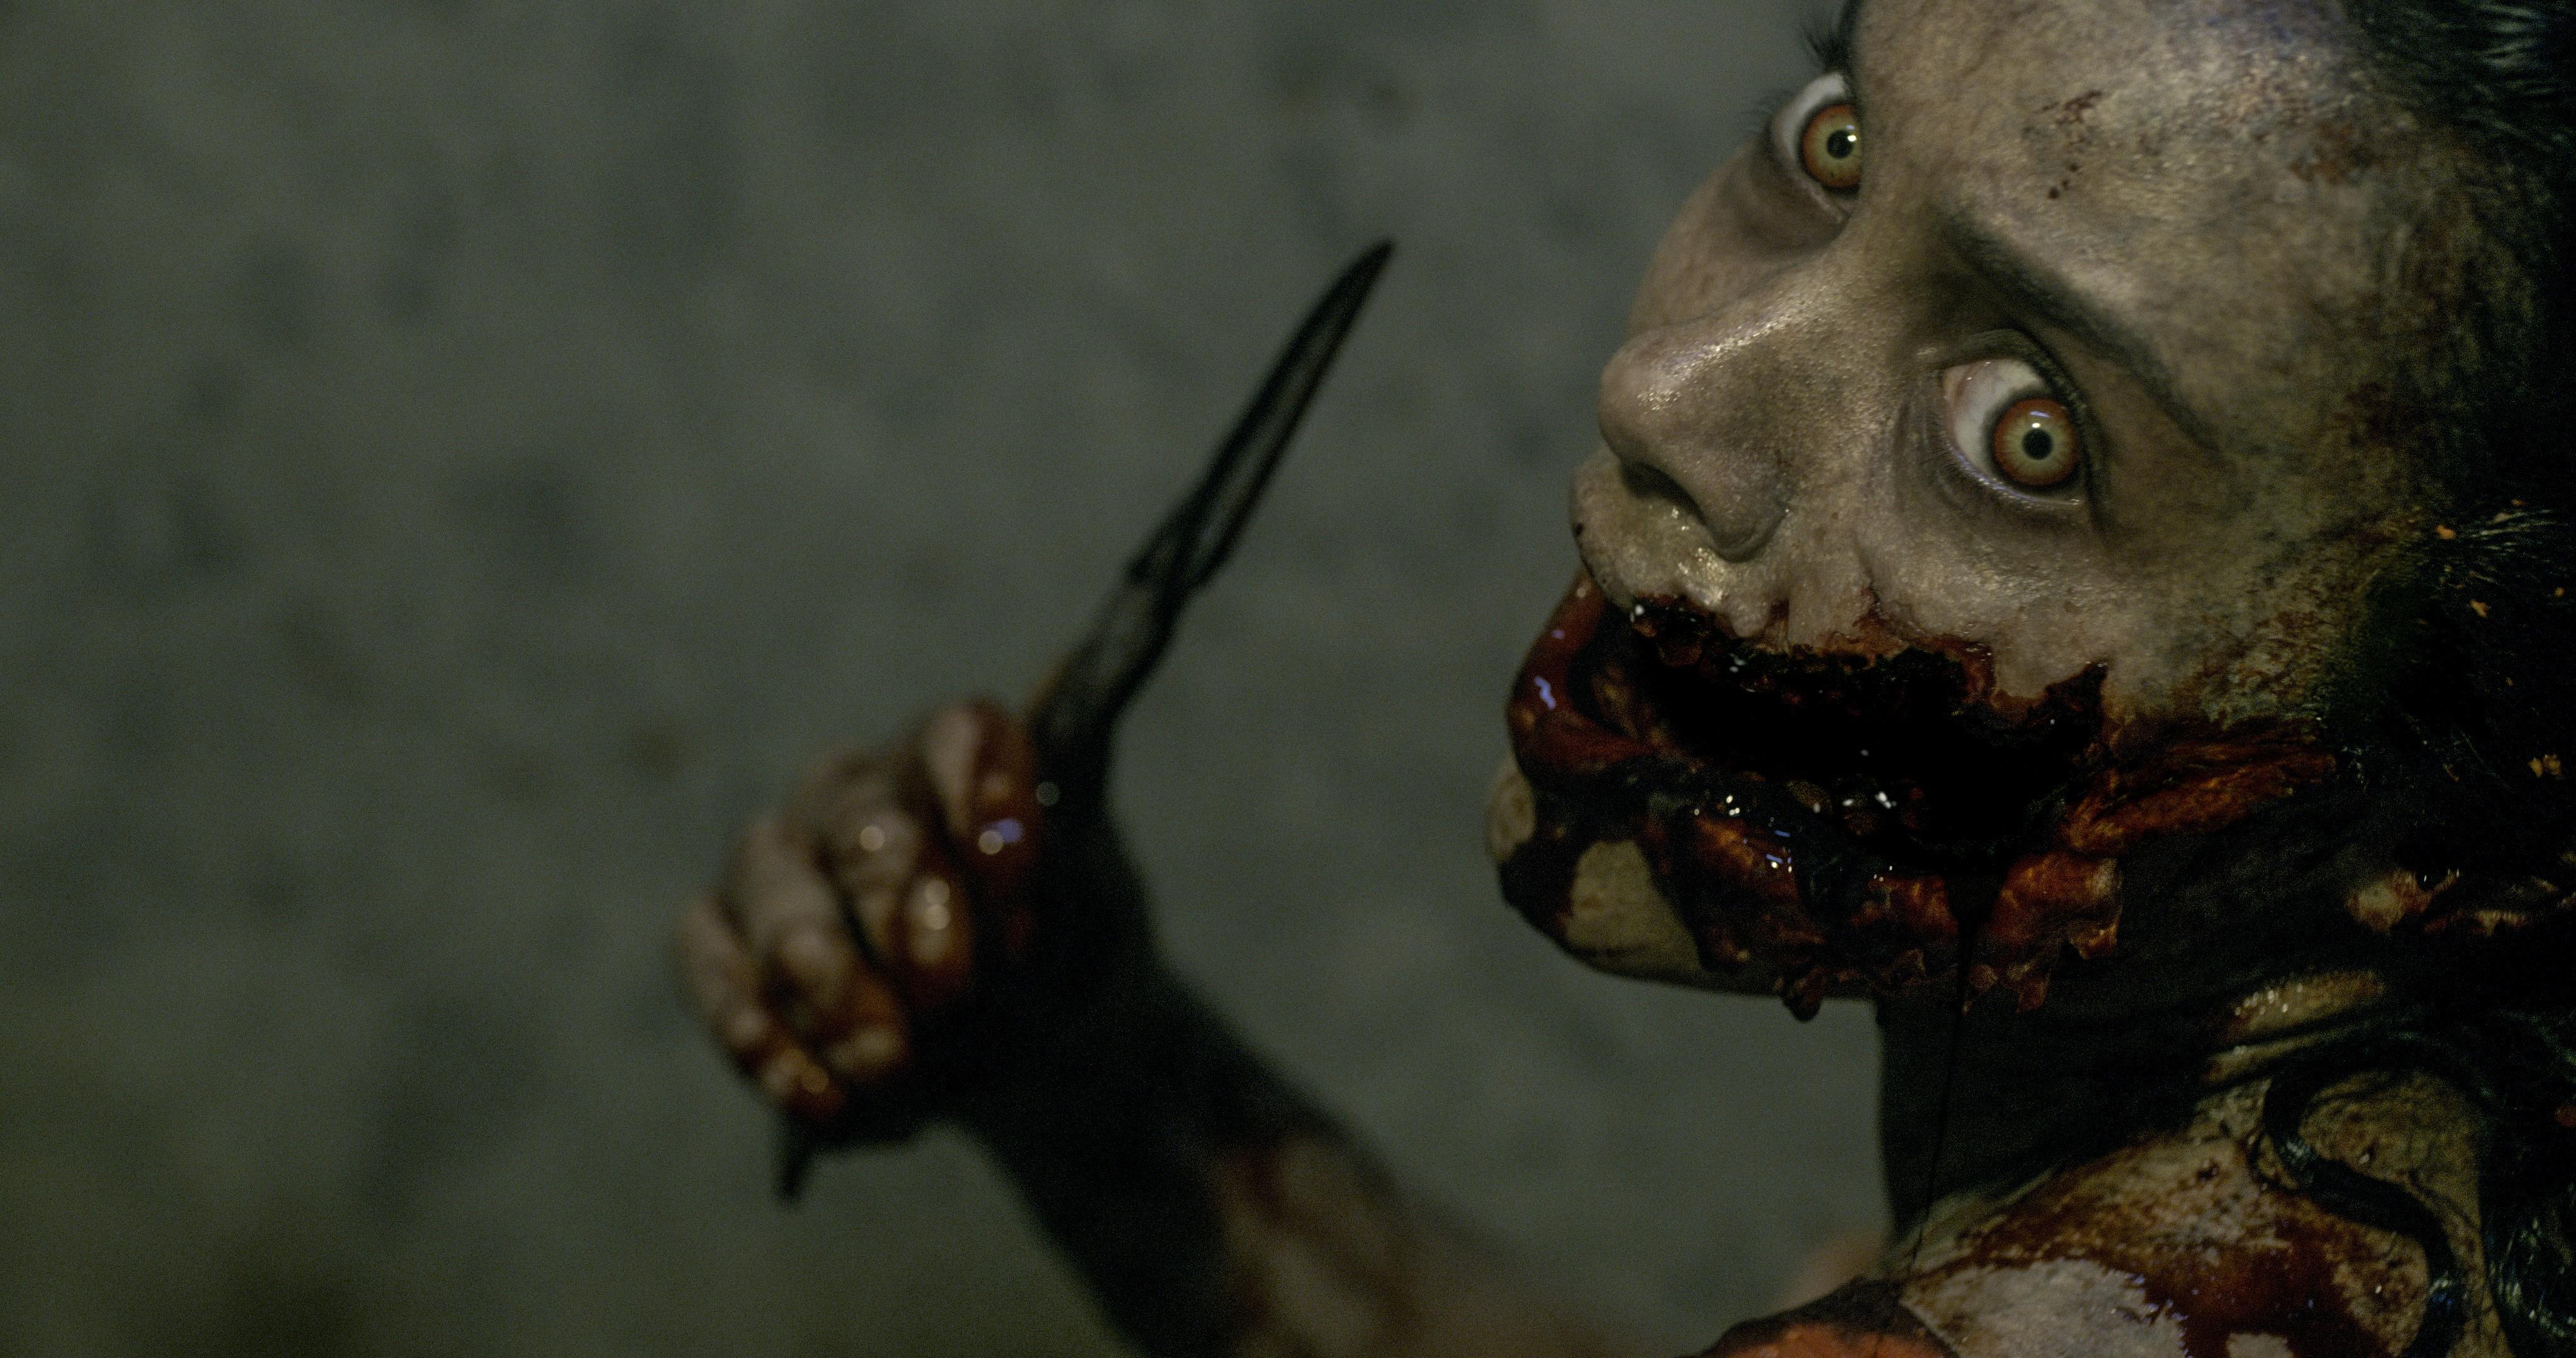 зловещие мертвецы черная книга смотреть онлайн: